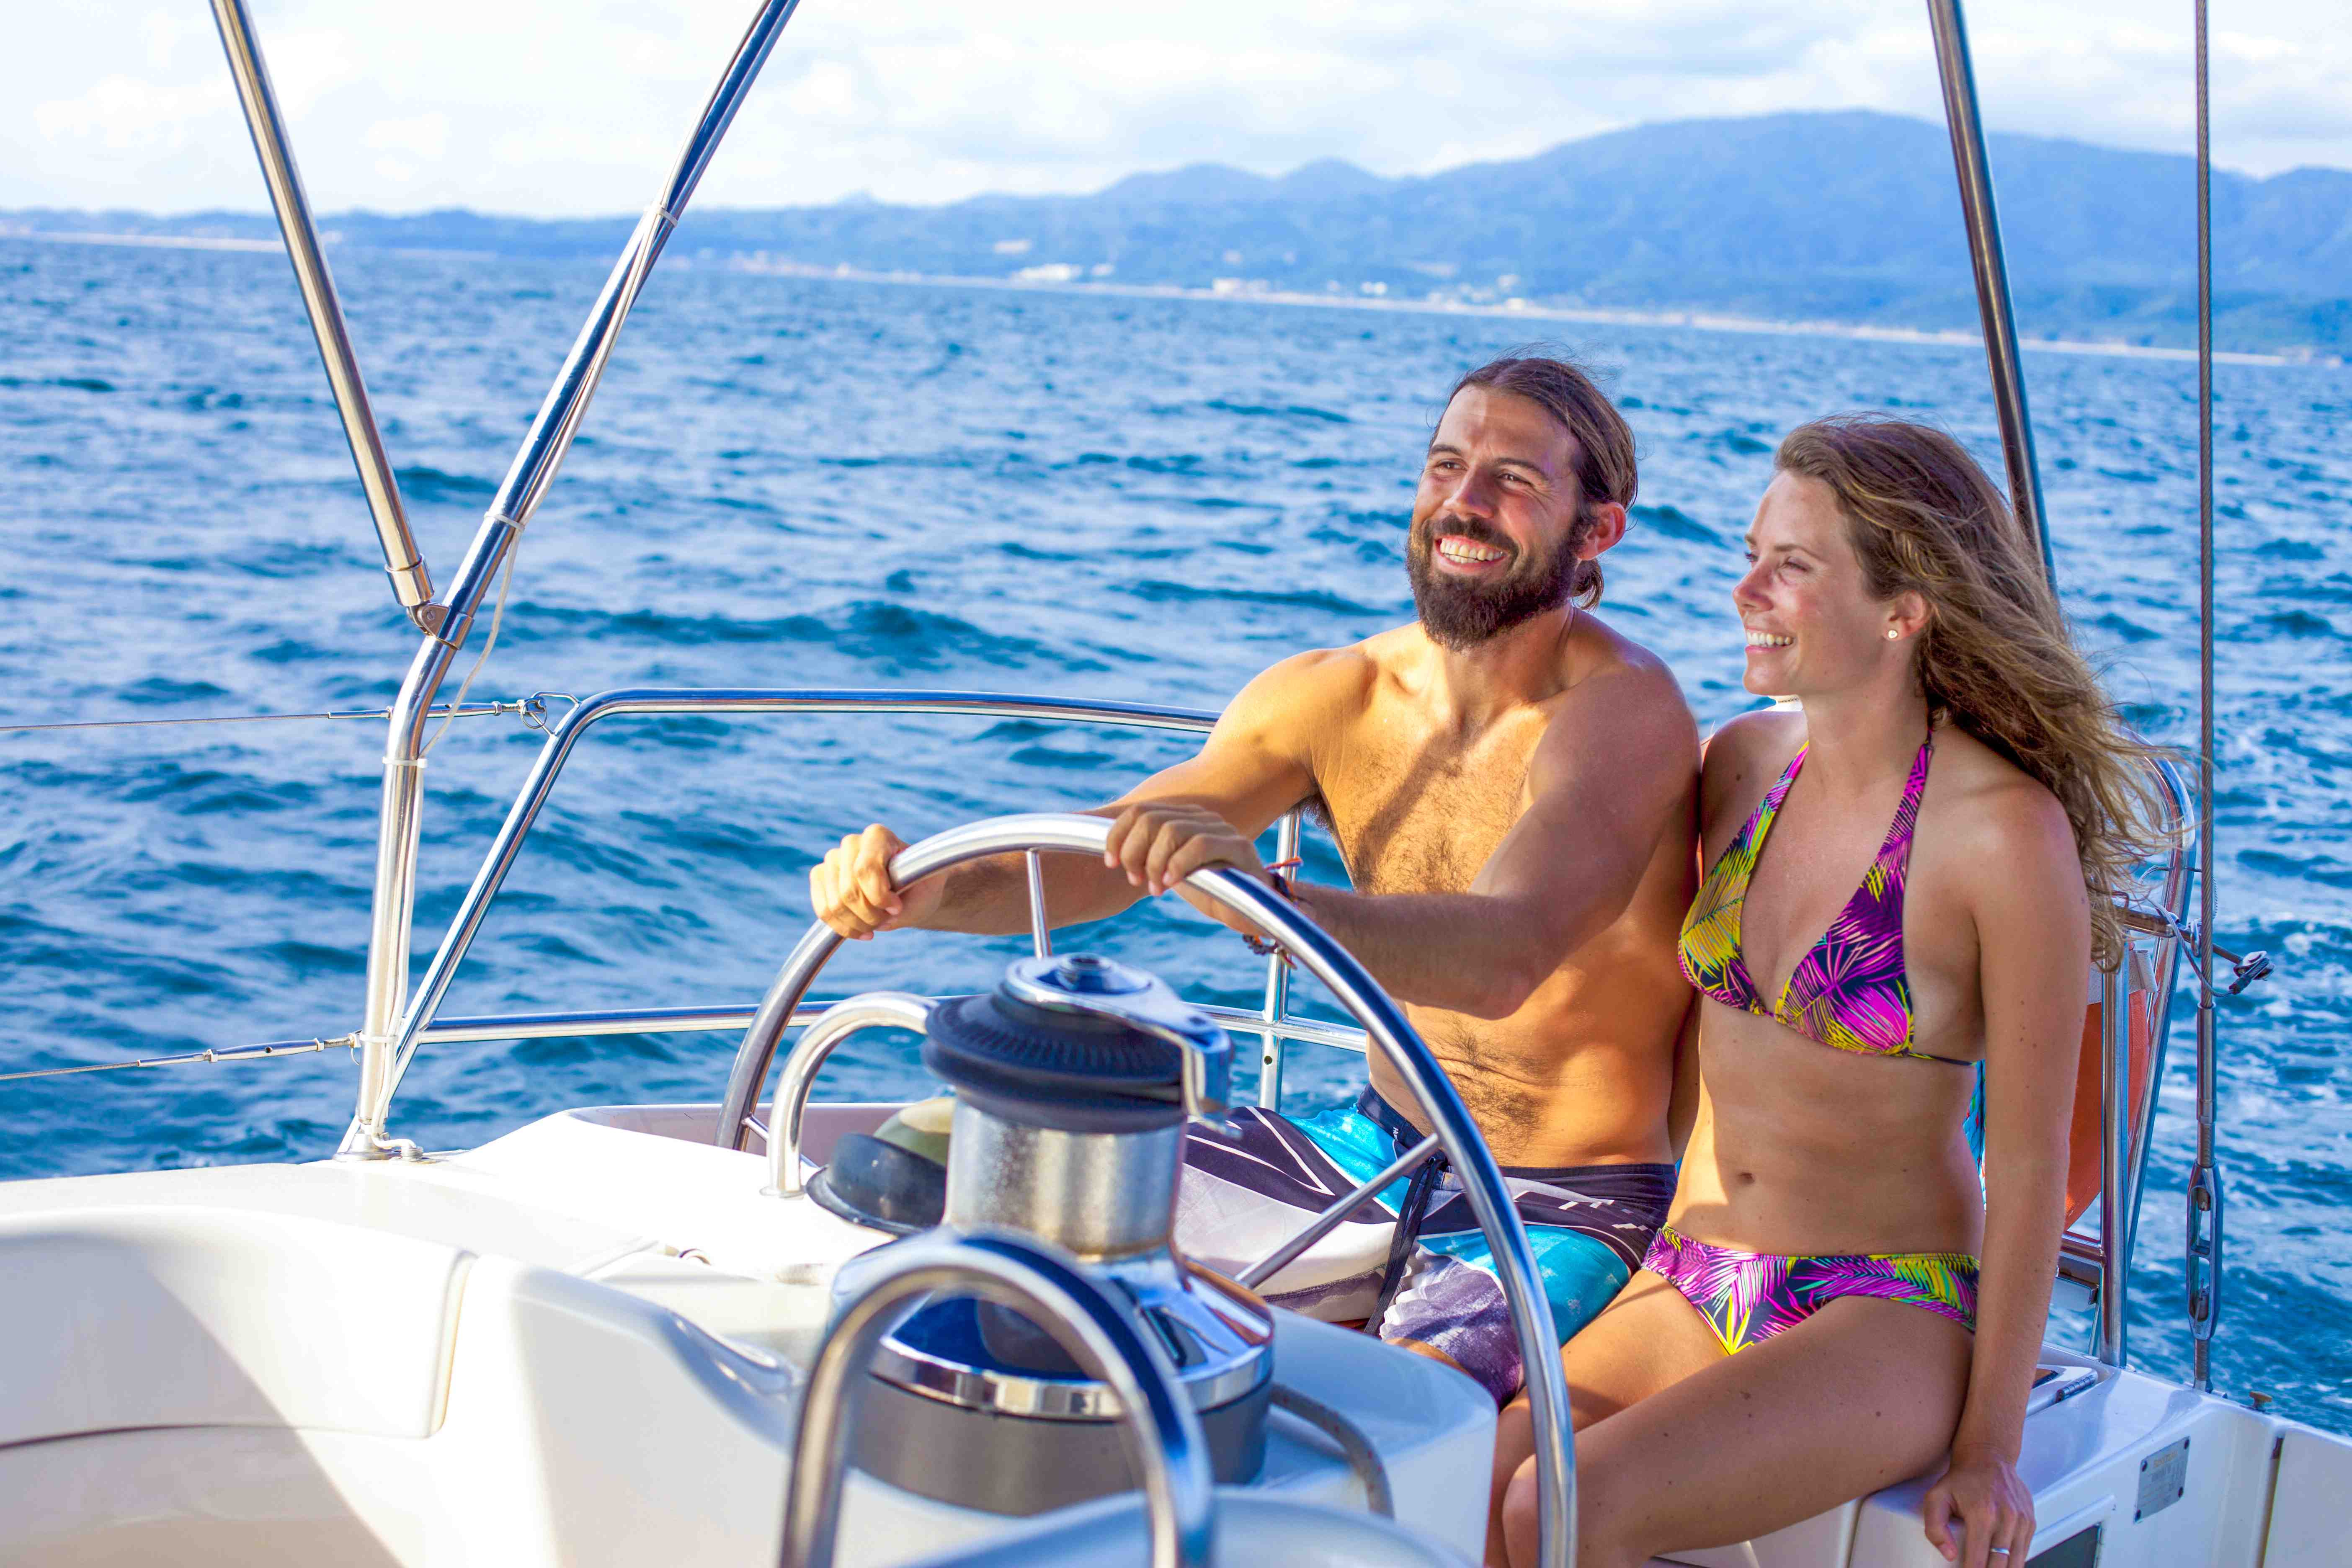 Luxury Sailing - Last Minute Tours in Puerto Vallarta